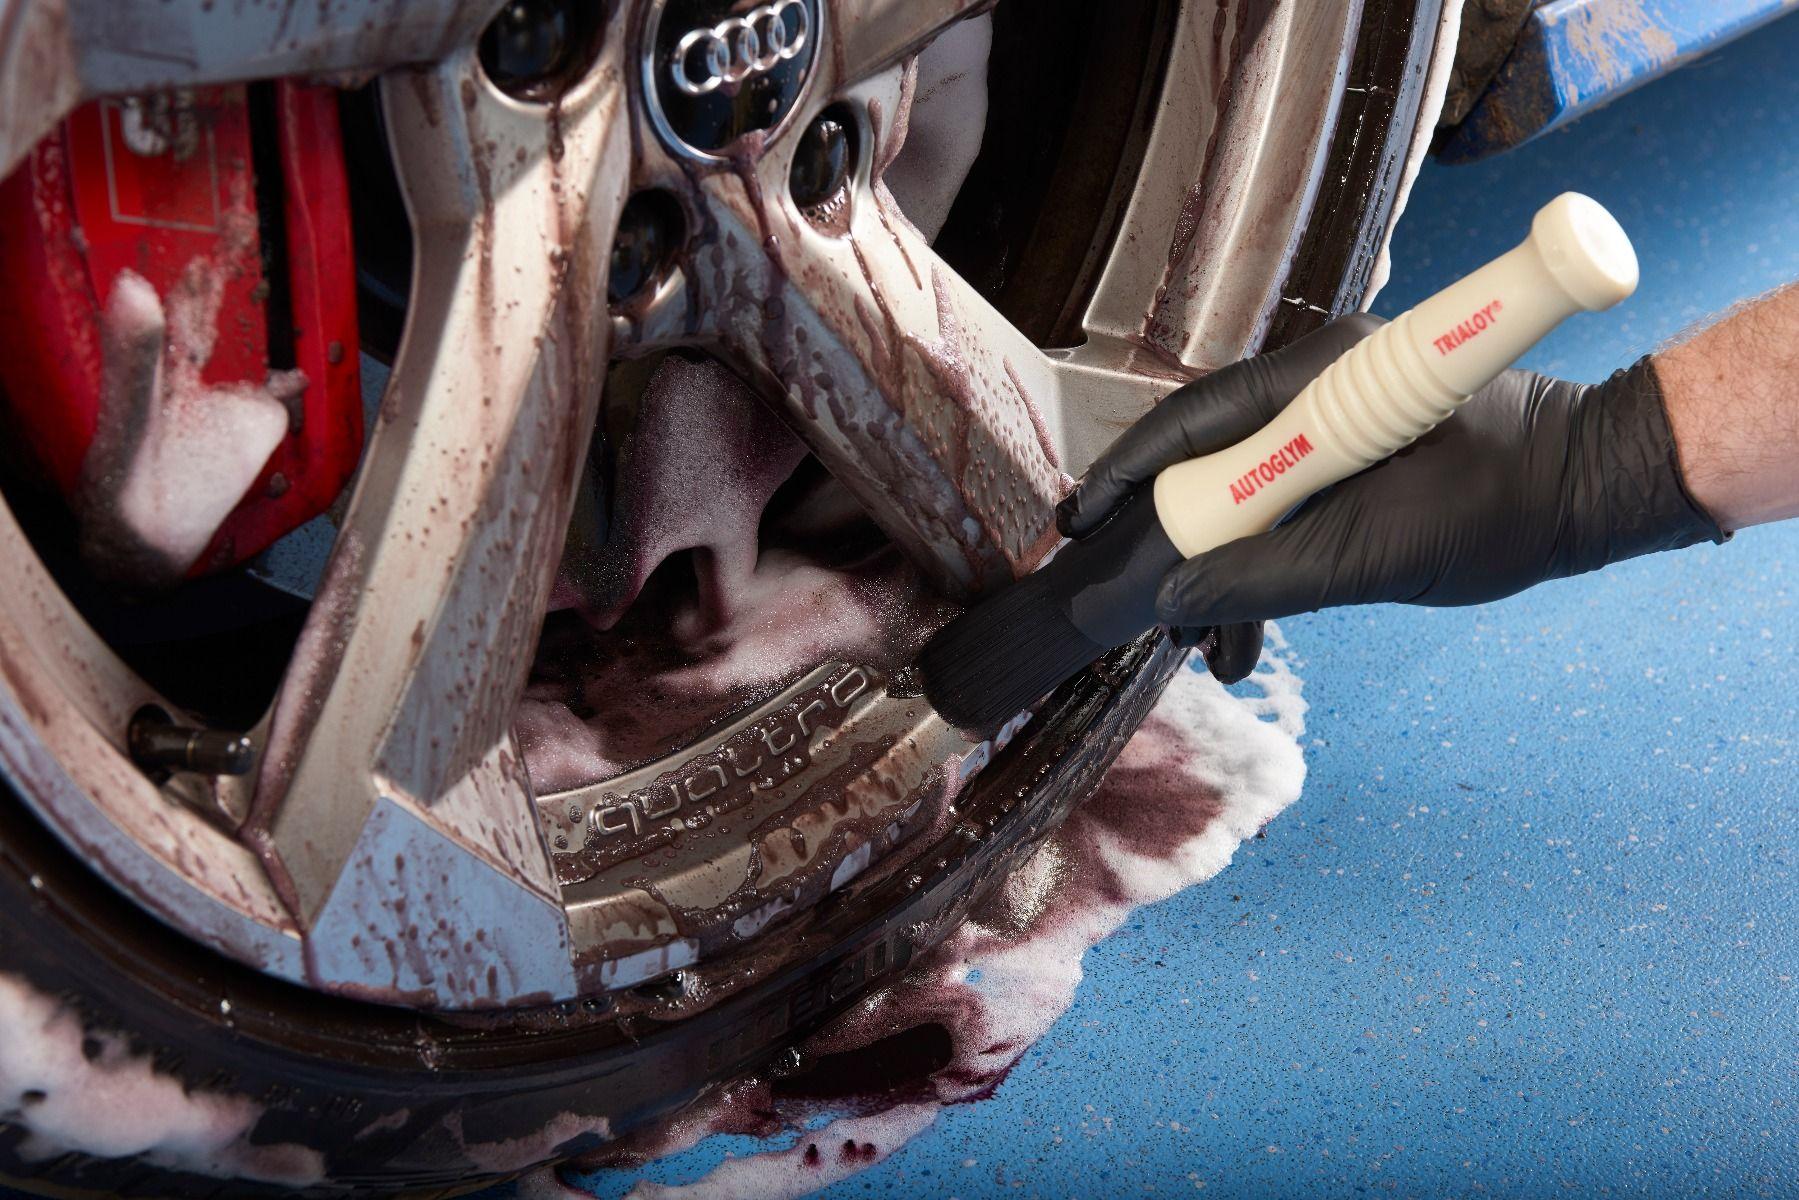 6846_077-agitating_mousse_with_wheel_brush